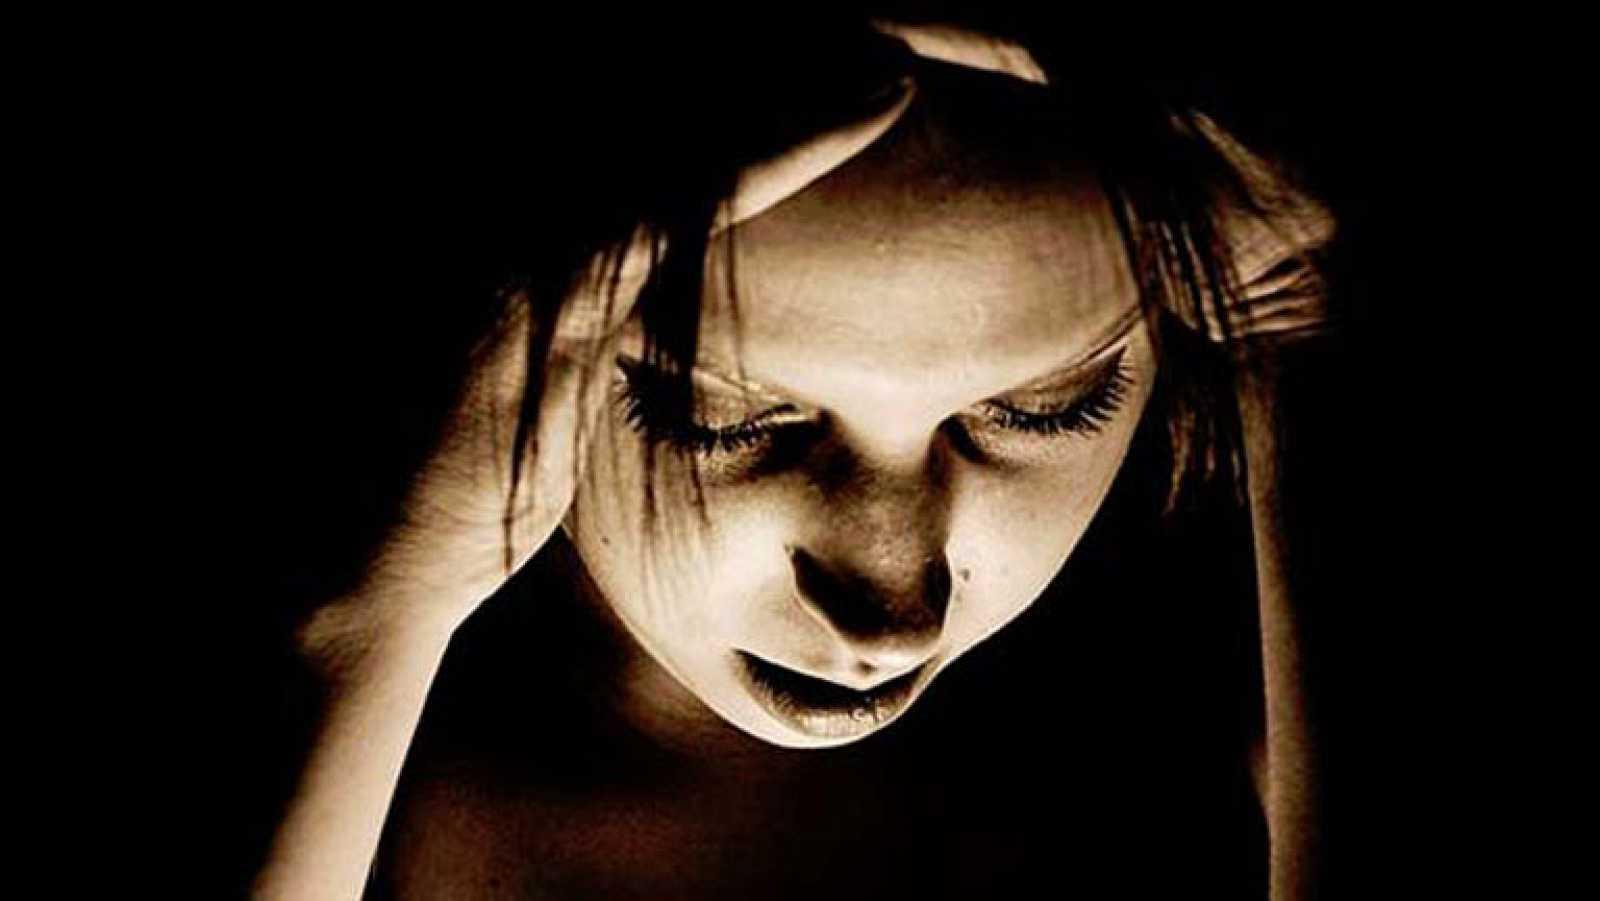 Se calcula que un 12% de la población sufre migrañas